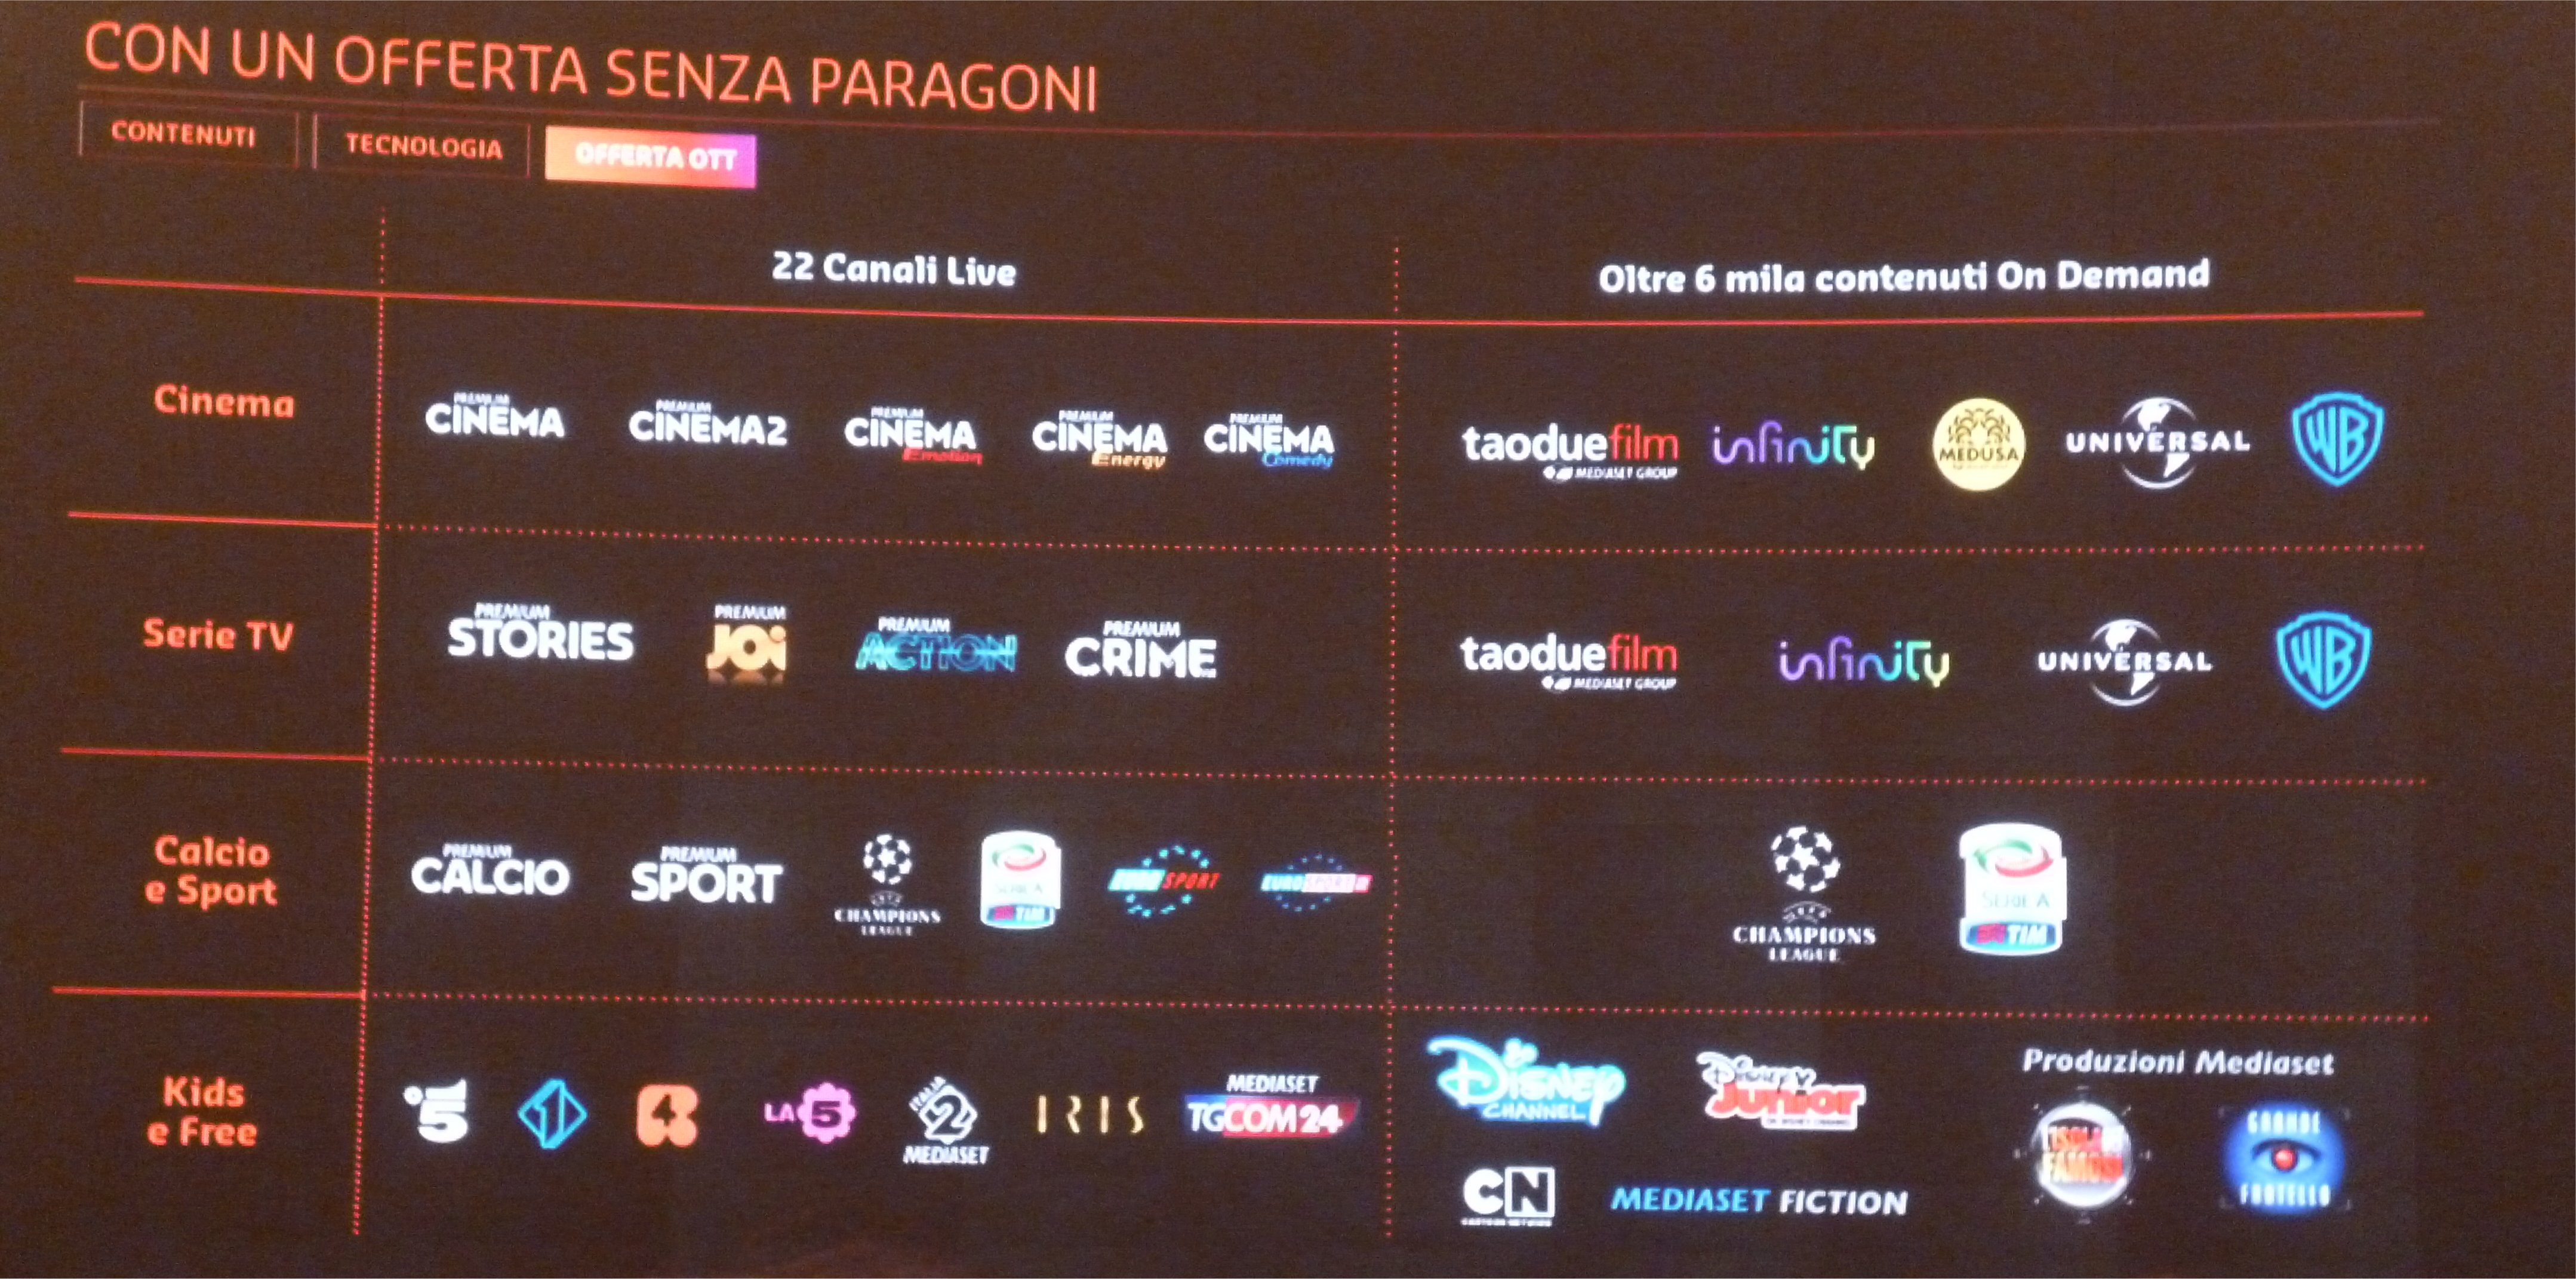 Mediaset Premium sul satellite  1433925363-premiumonline-canali